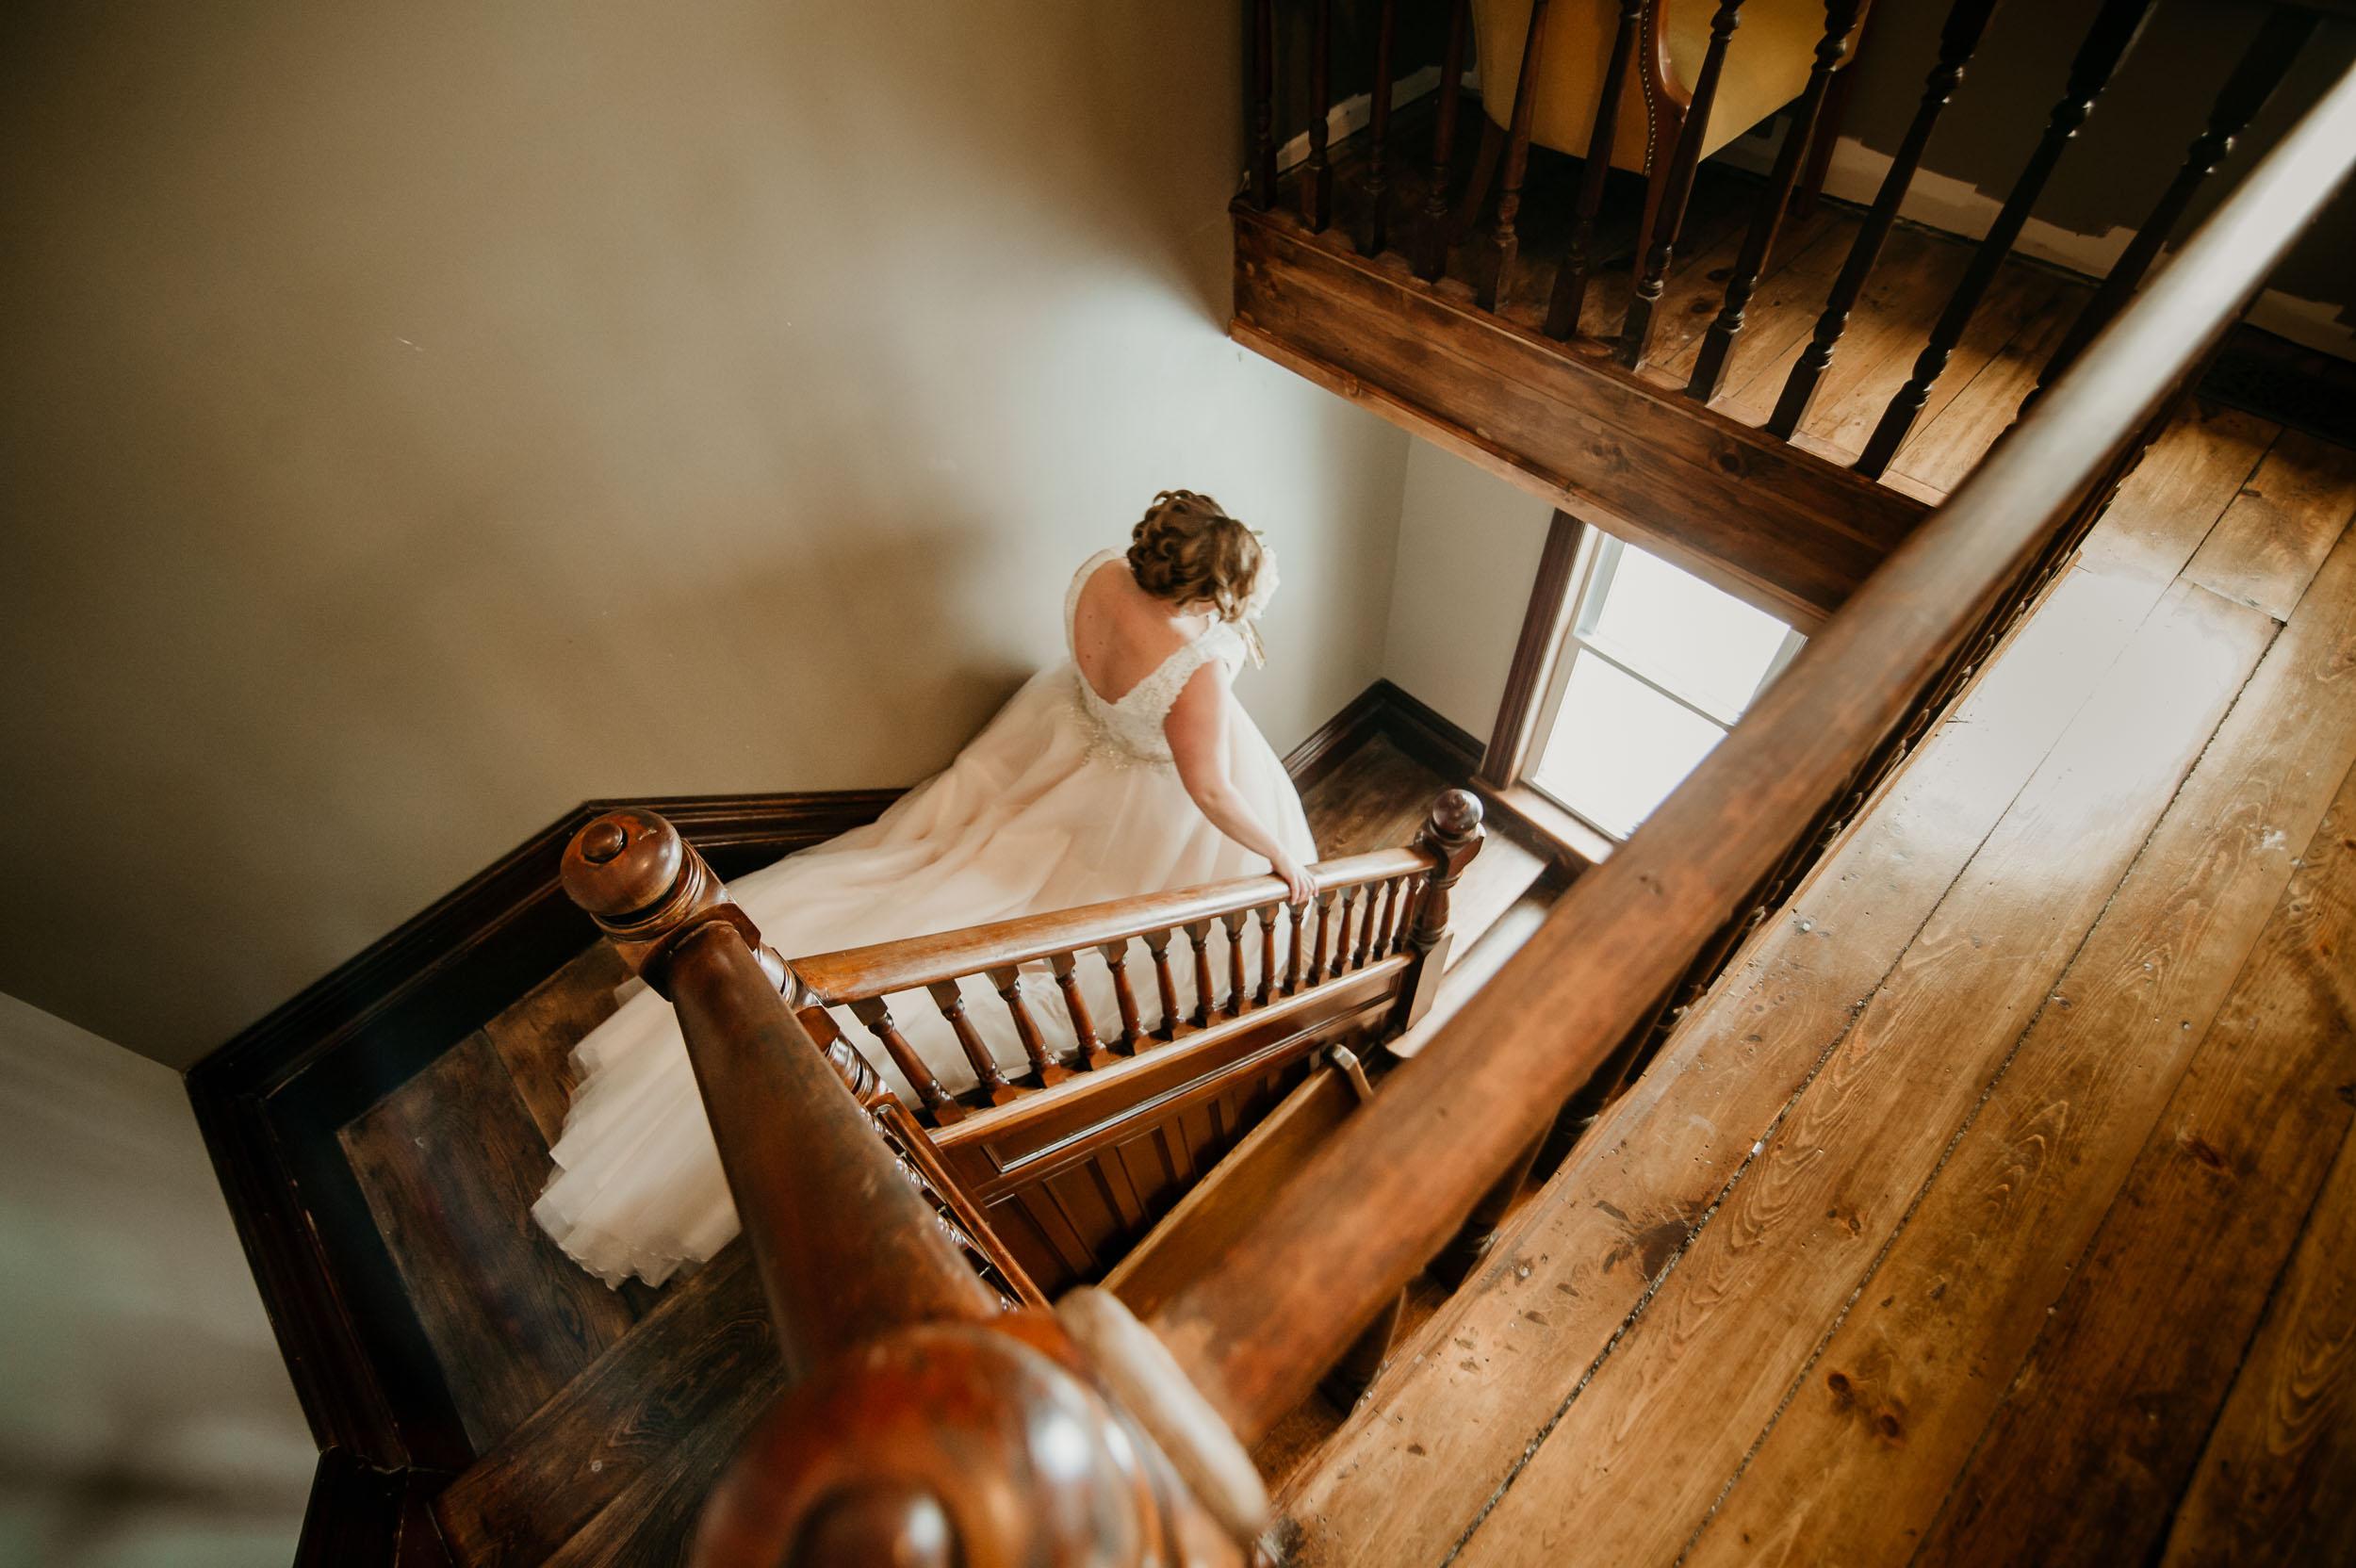 wedding-photography-stratford-davidiam-192.jpg